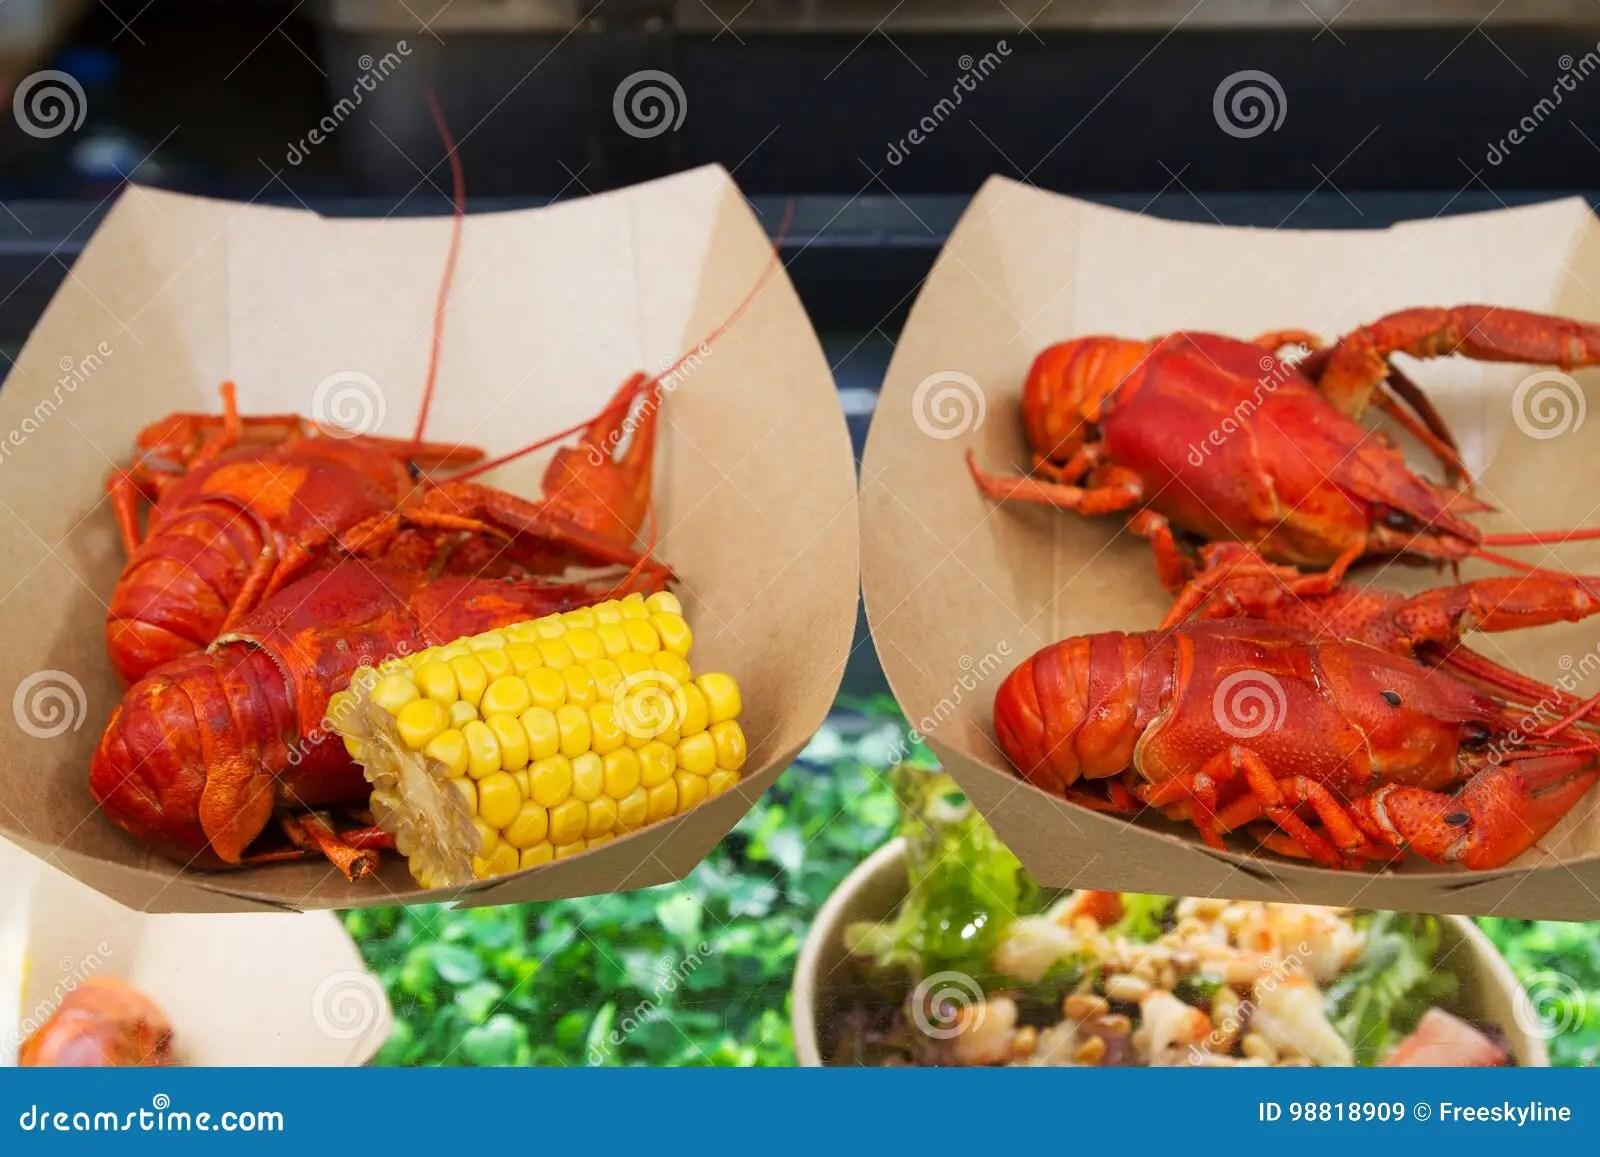 kitchen booths 48 sink base cabinet 在开放街道食物厨房国际食物节日事件的食物摊位或小龙虾服务的小龙虾库存 在开放街道食物厨房国际食物节日事件的食物摊位或小龙虾服务